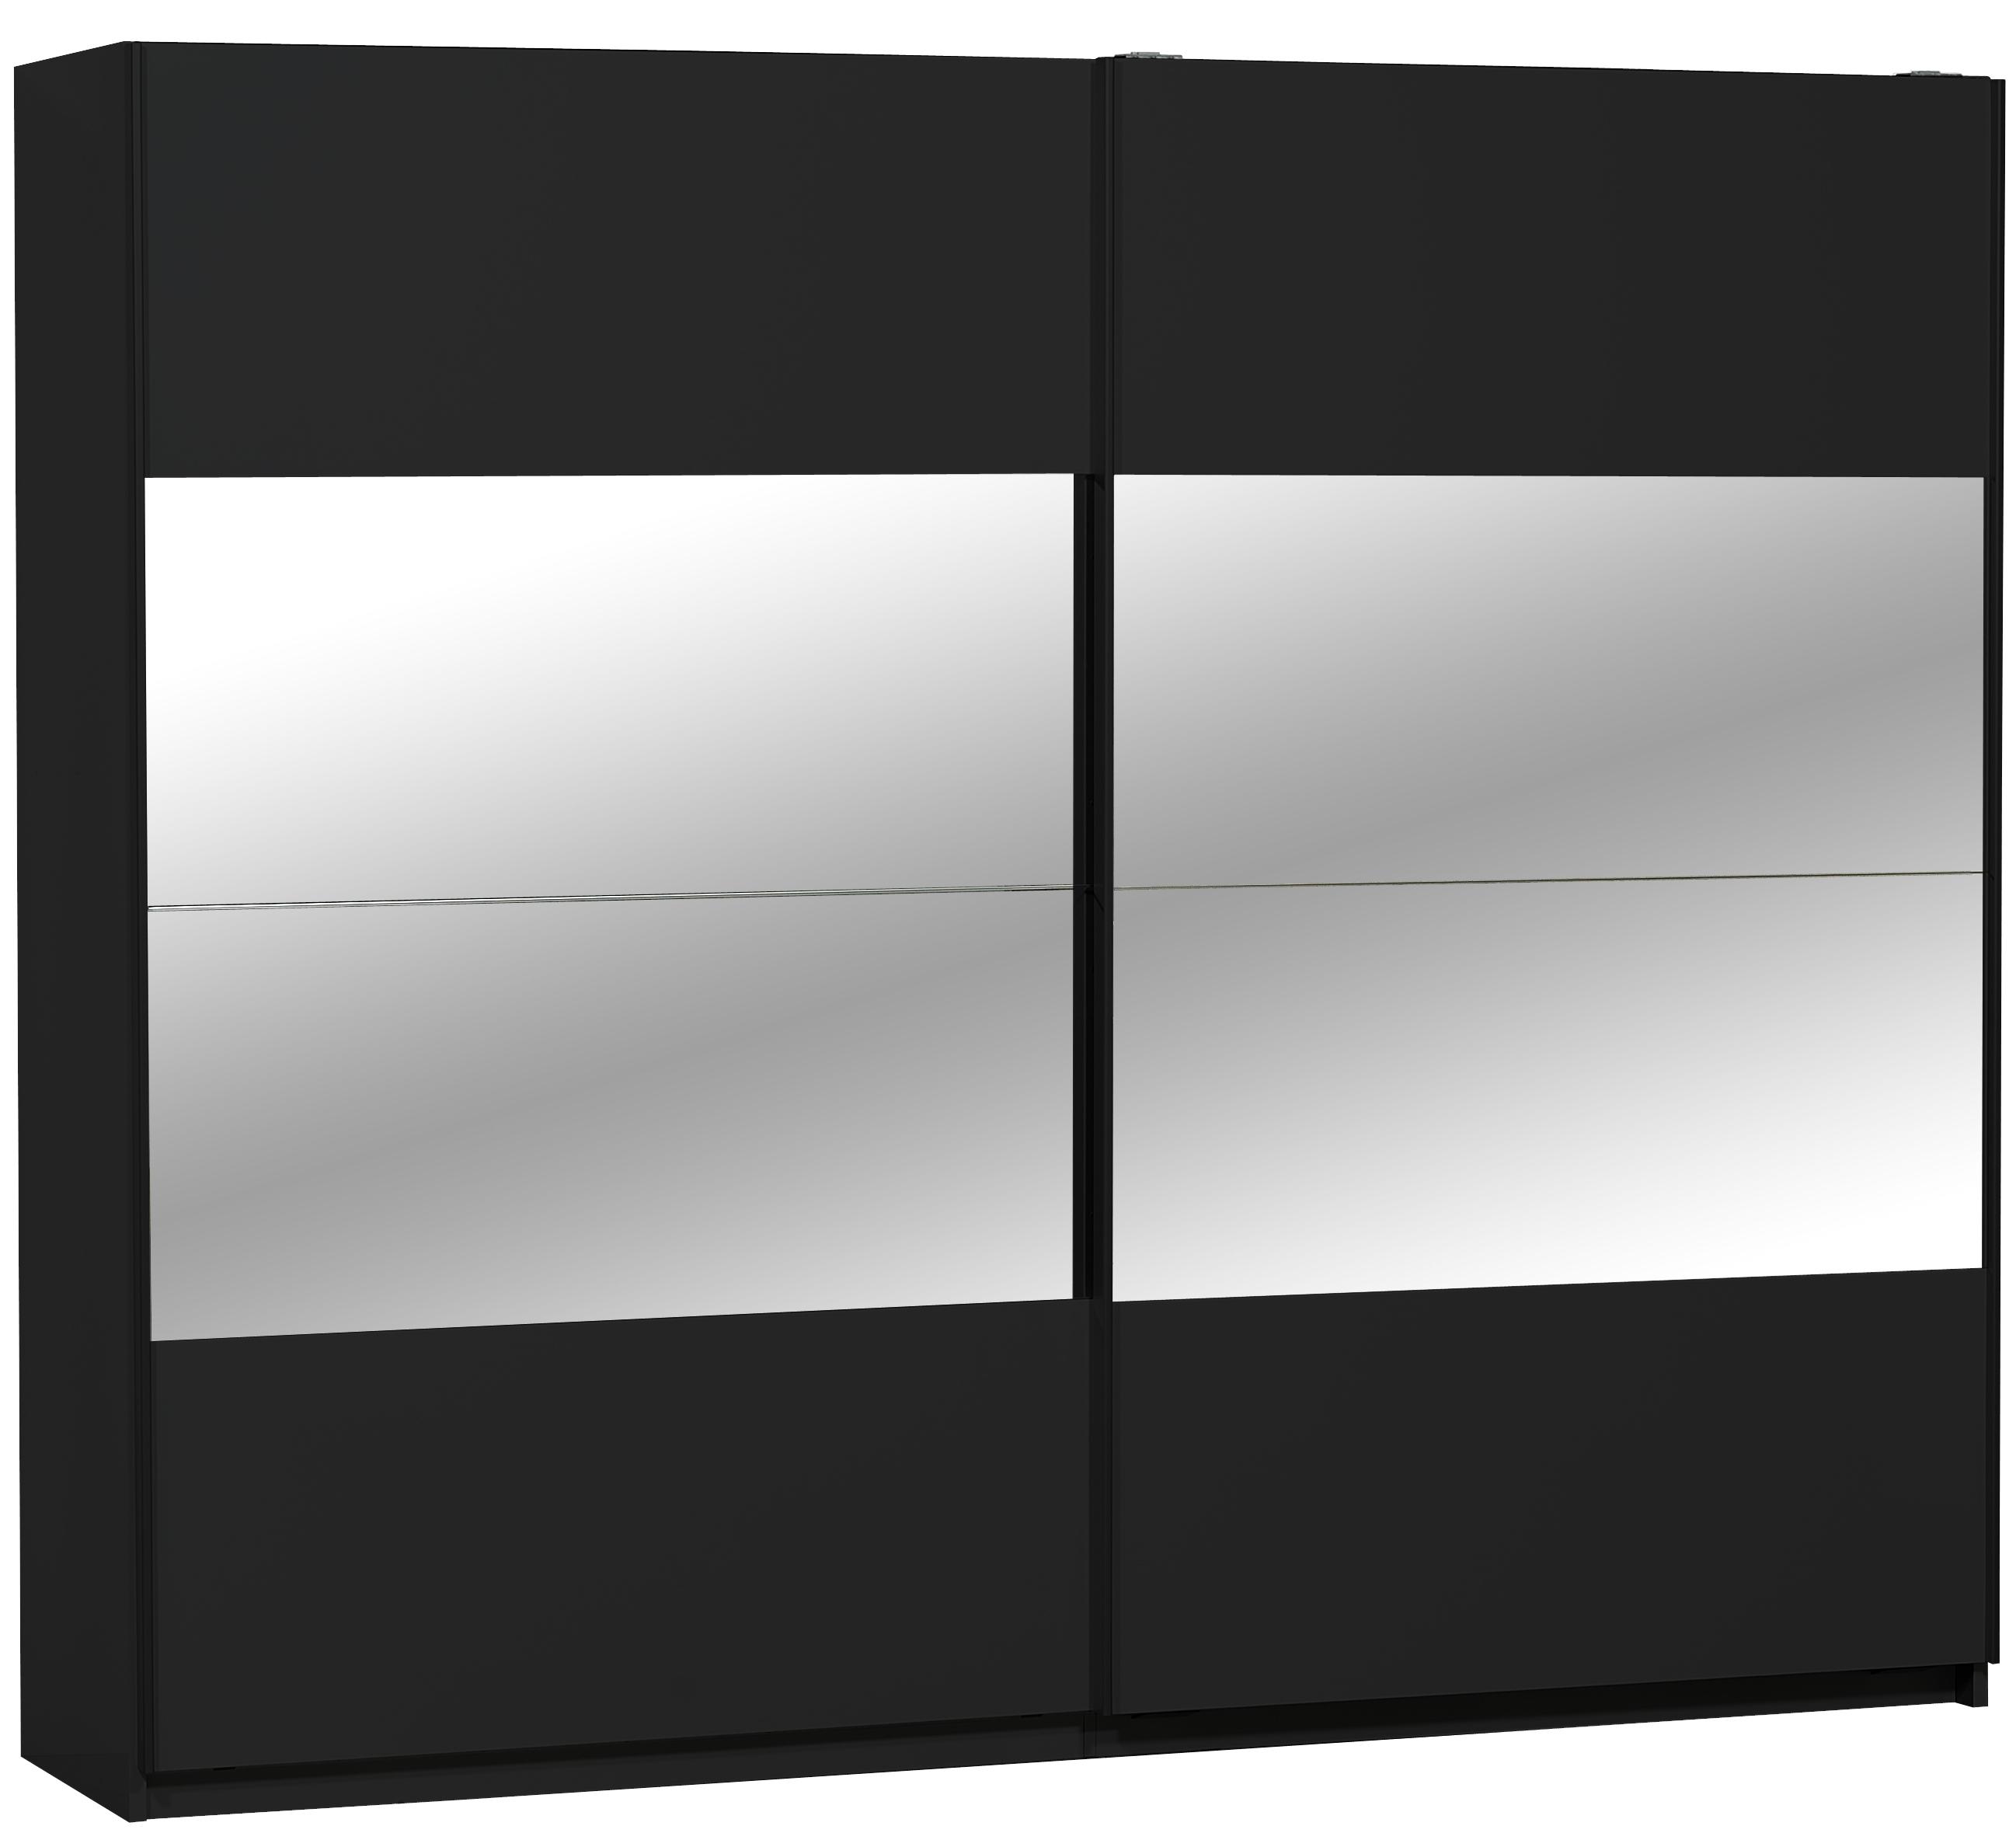 armoire 2 portes coulissantes noir et miroir 260 cm balus. Black Bedroom Furniture Sets. Home Design Ideas